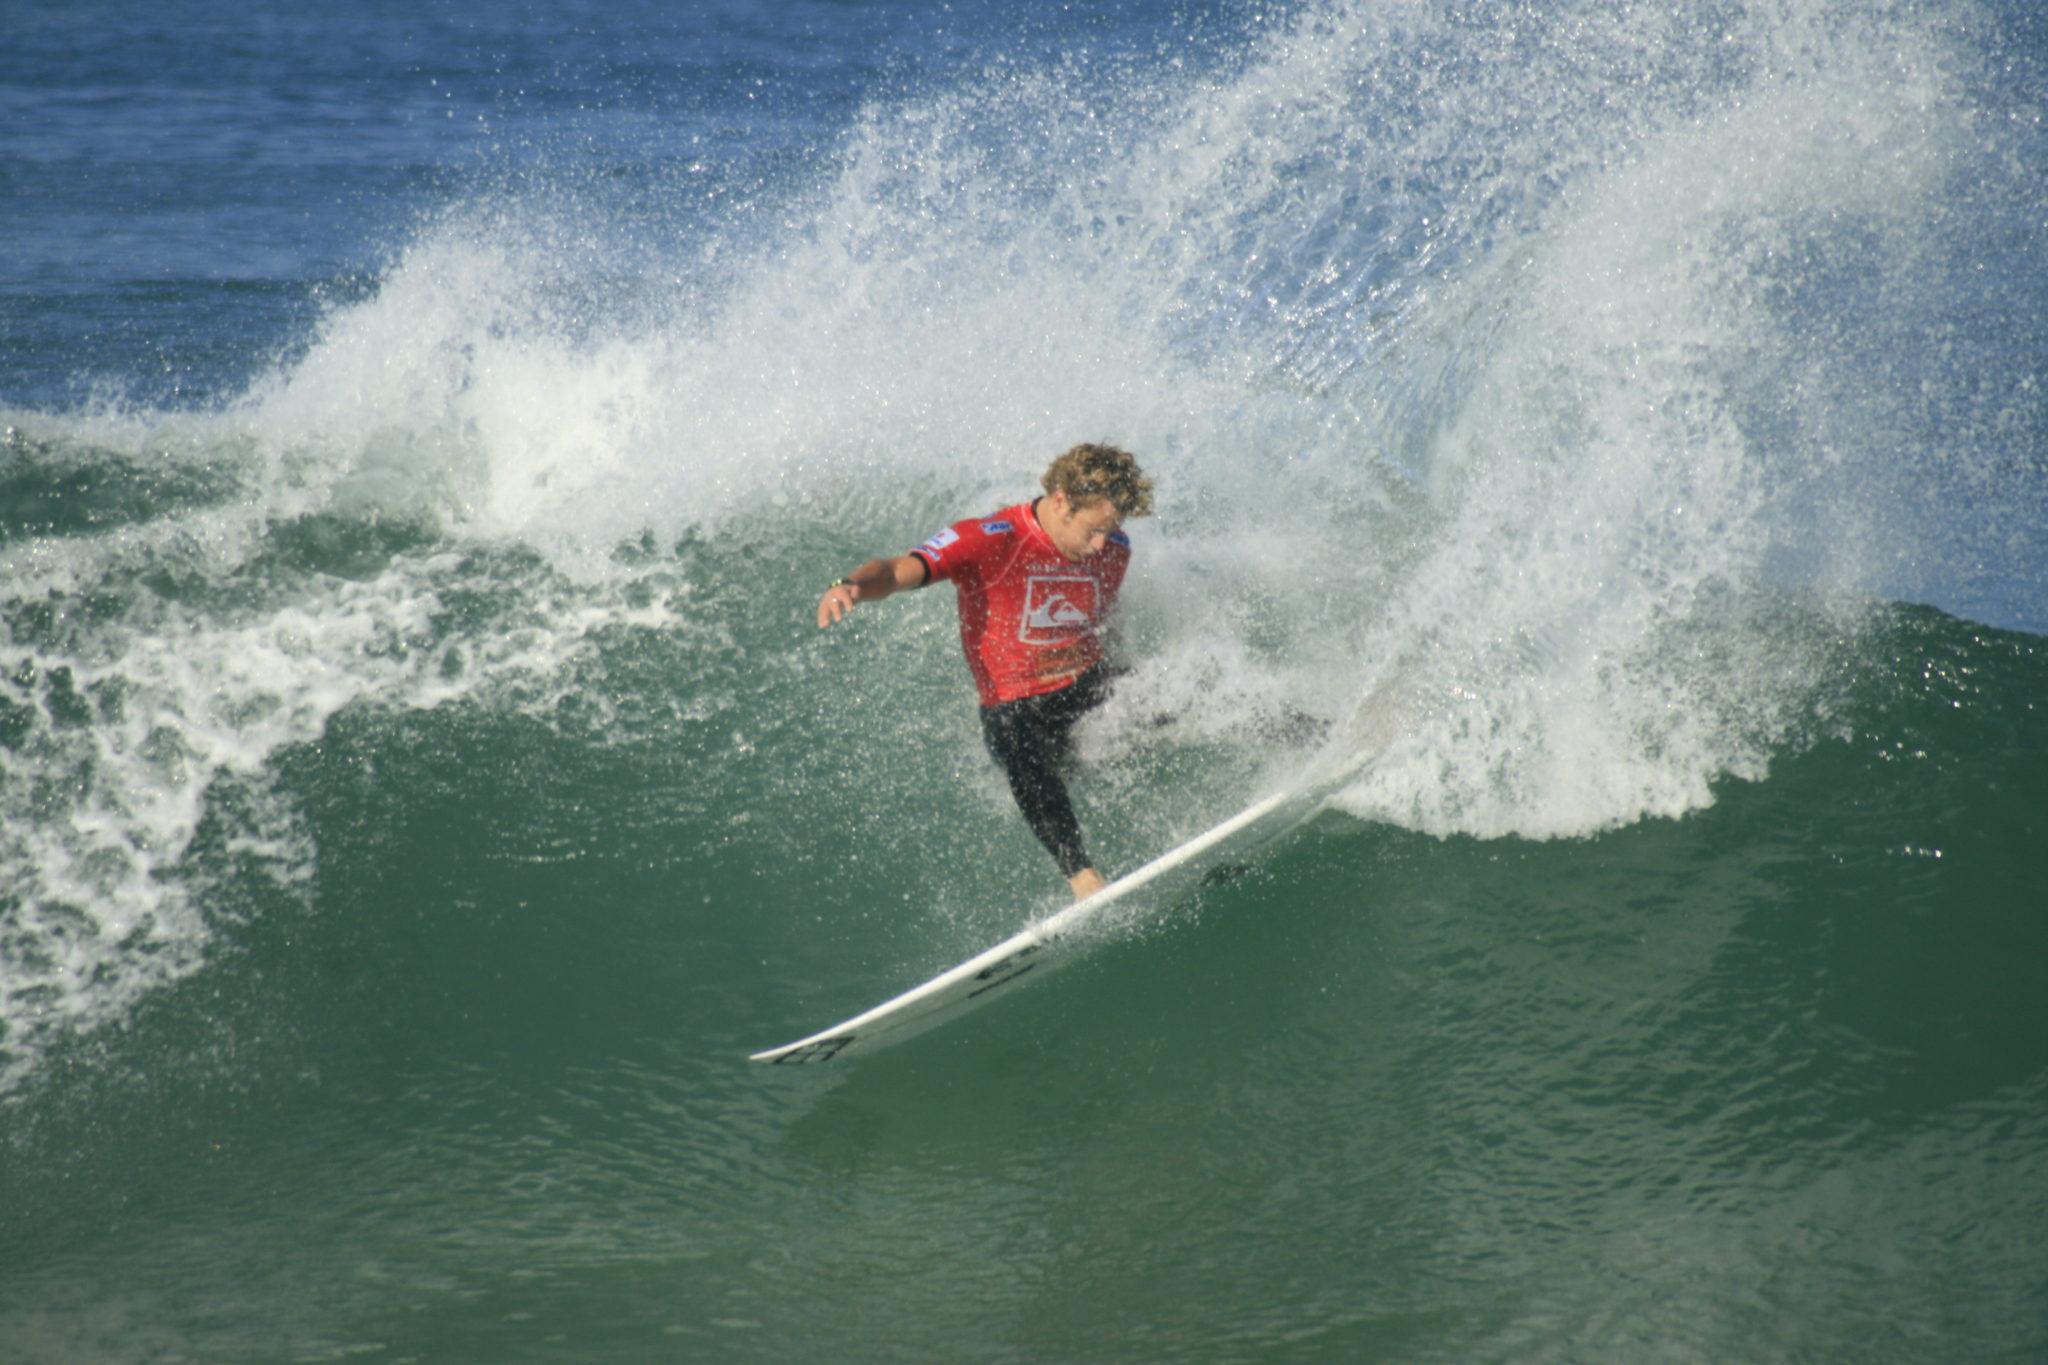 Les meilleurs surfers du Monde se donnent rendez-vous sur cette étape incontournable du Championnat du Monde